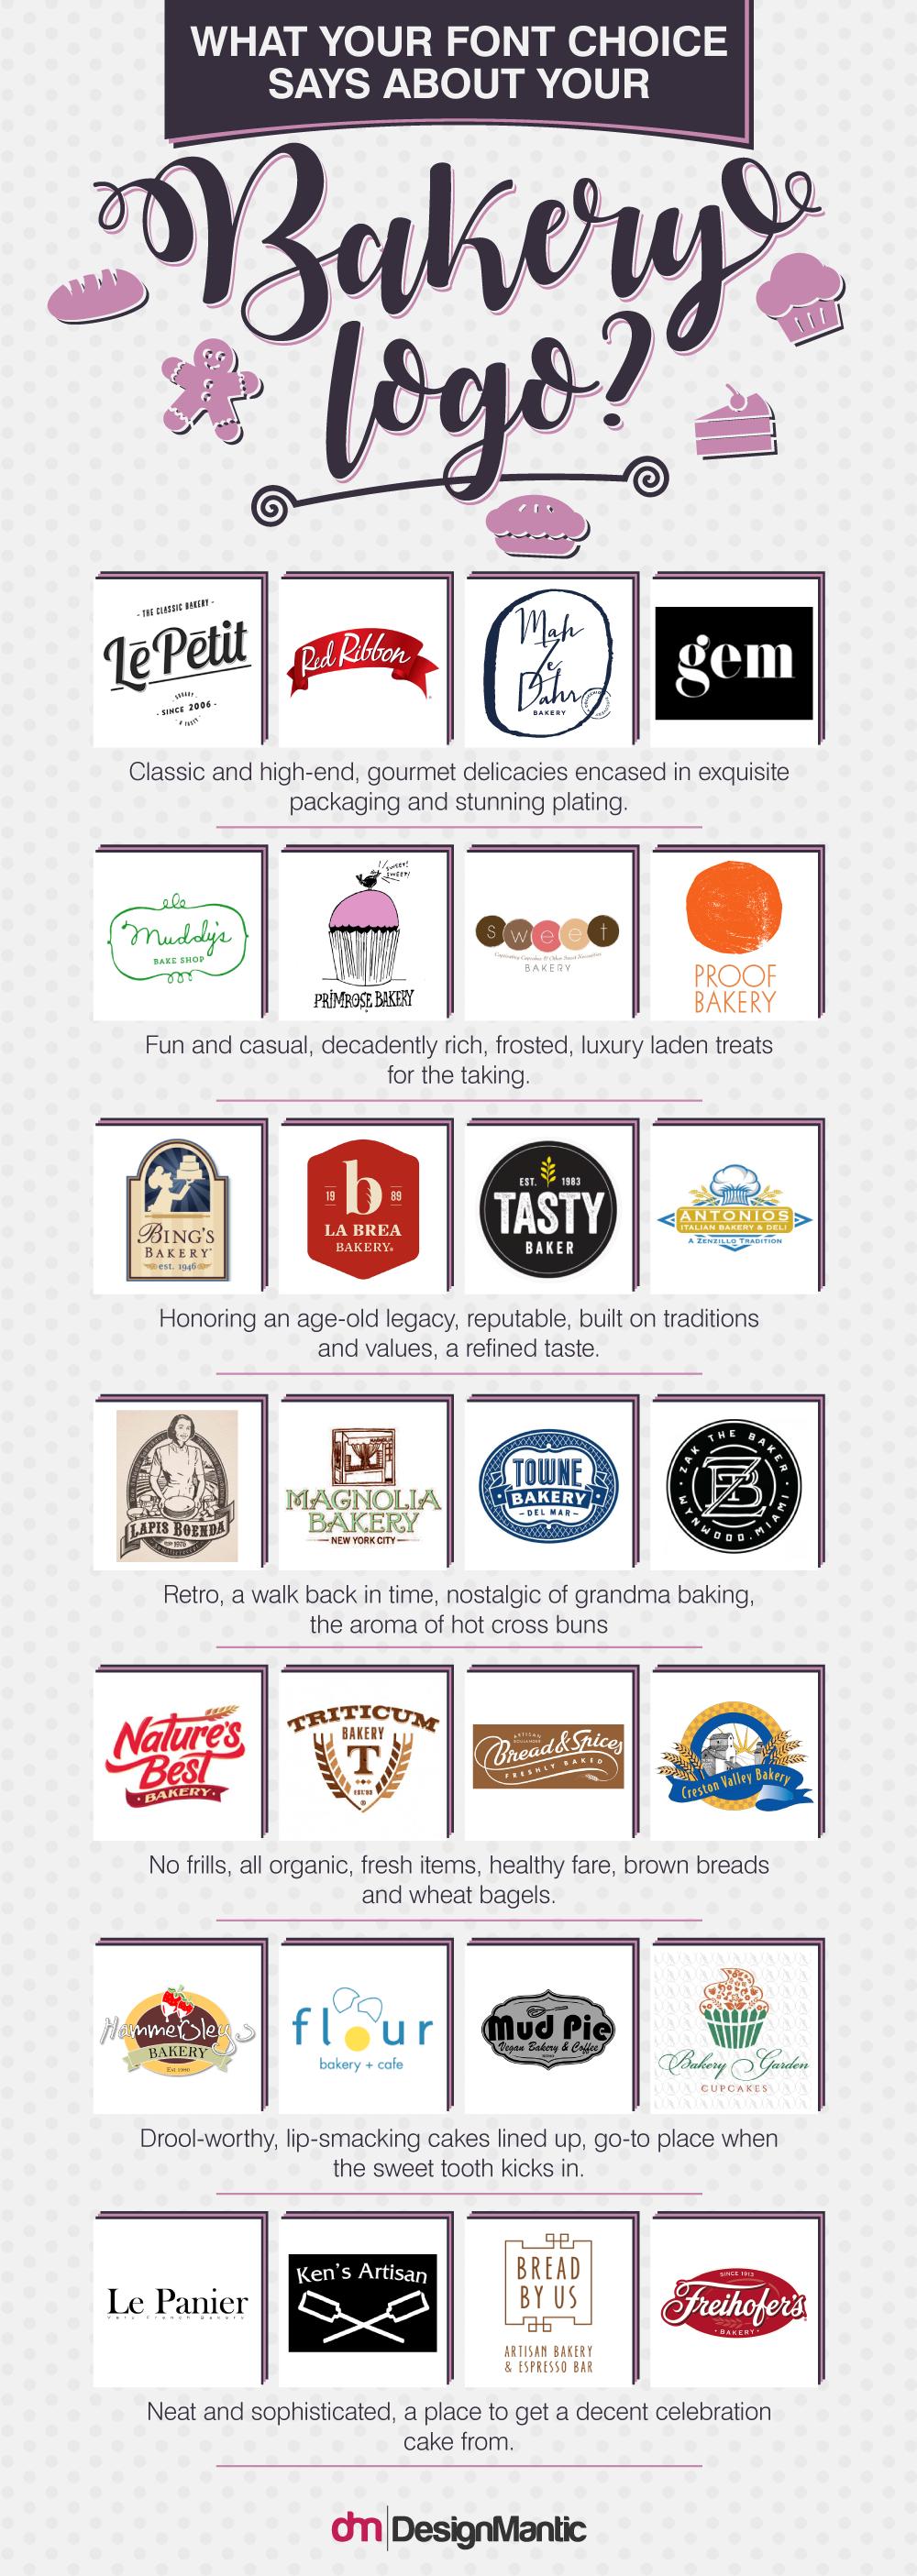 Font Choice For Bakery Logo Bakery logo, Bakery logo